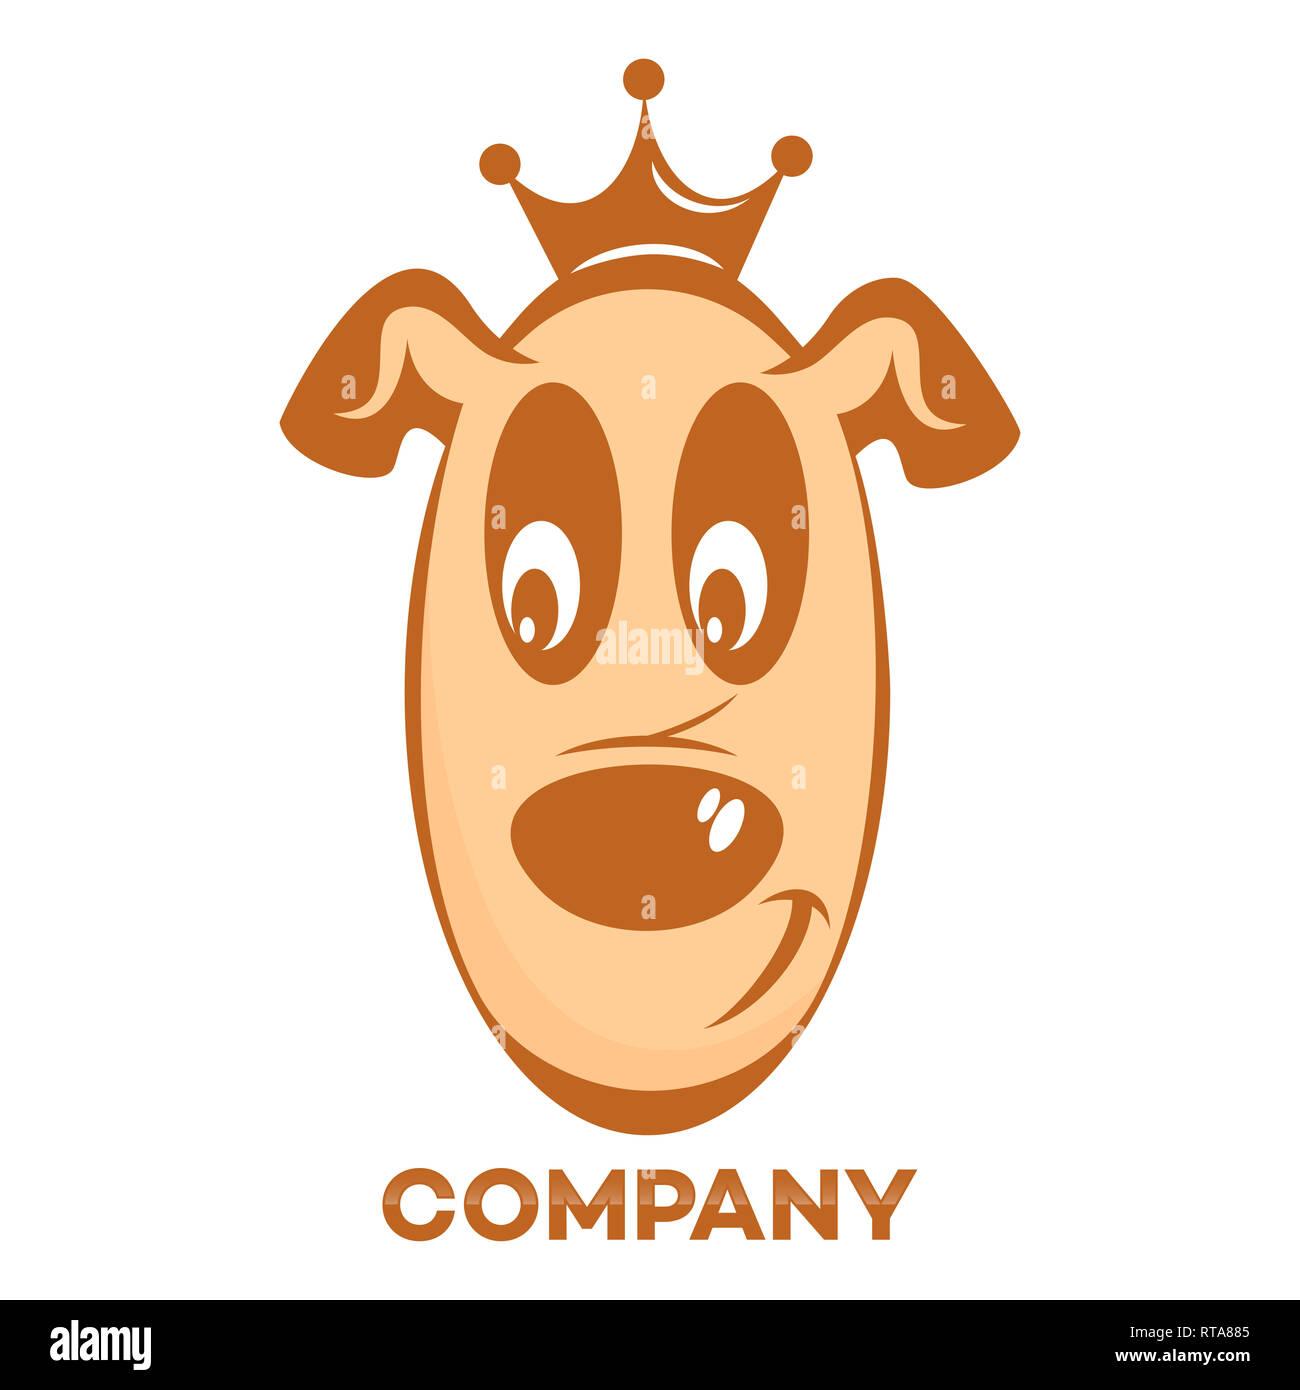 Pet dog logo - Stock Image